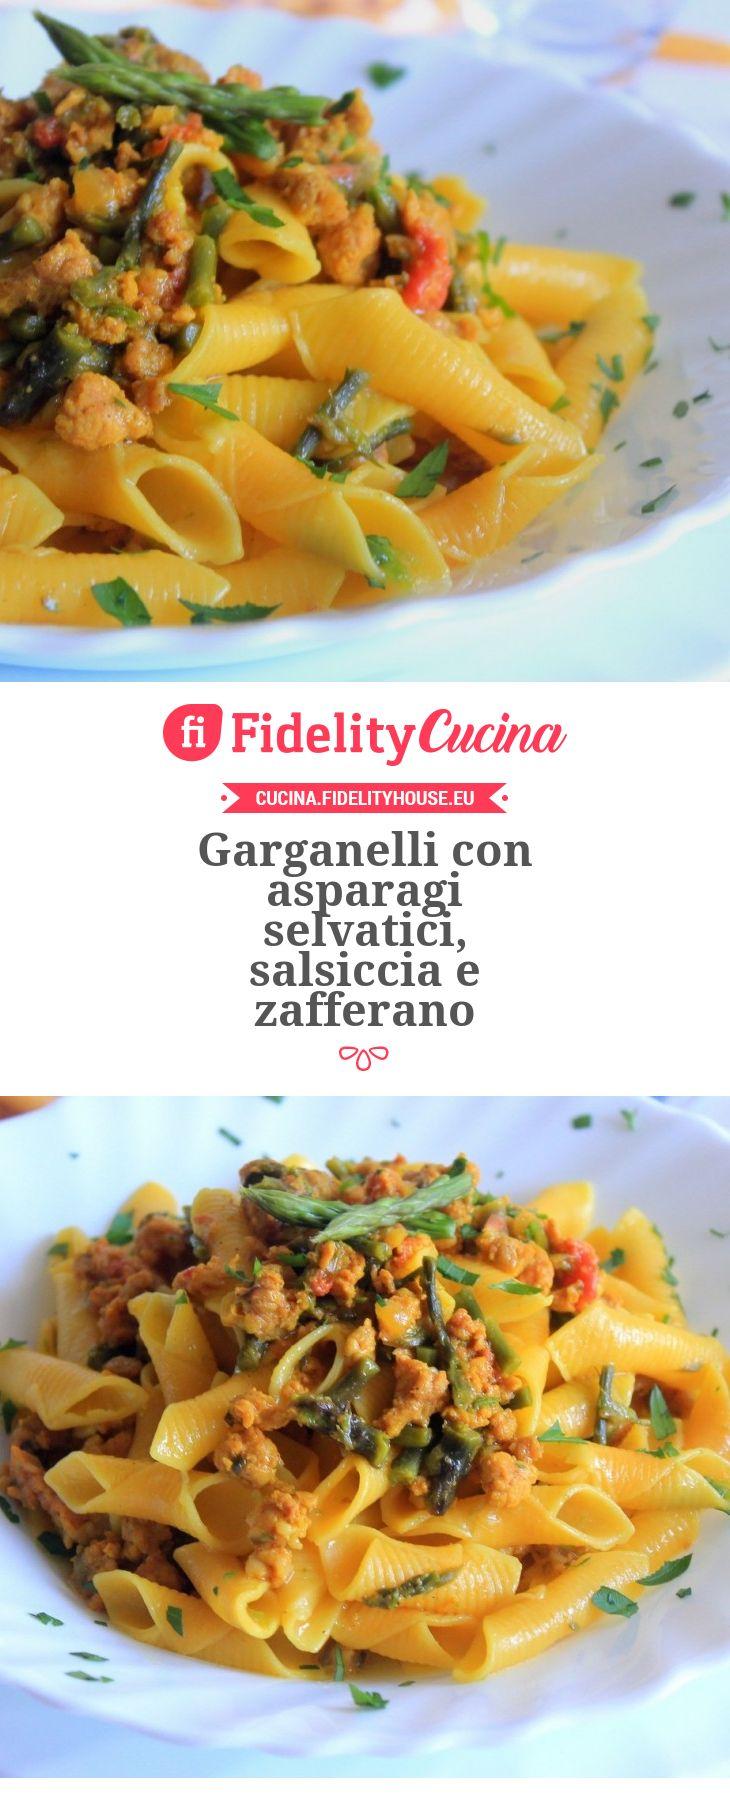 Garganelli con asparagi selvatici, salsiccia e zafferano